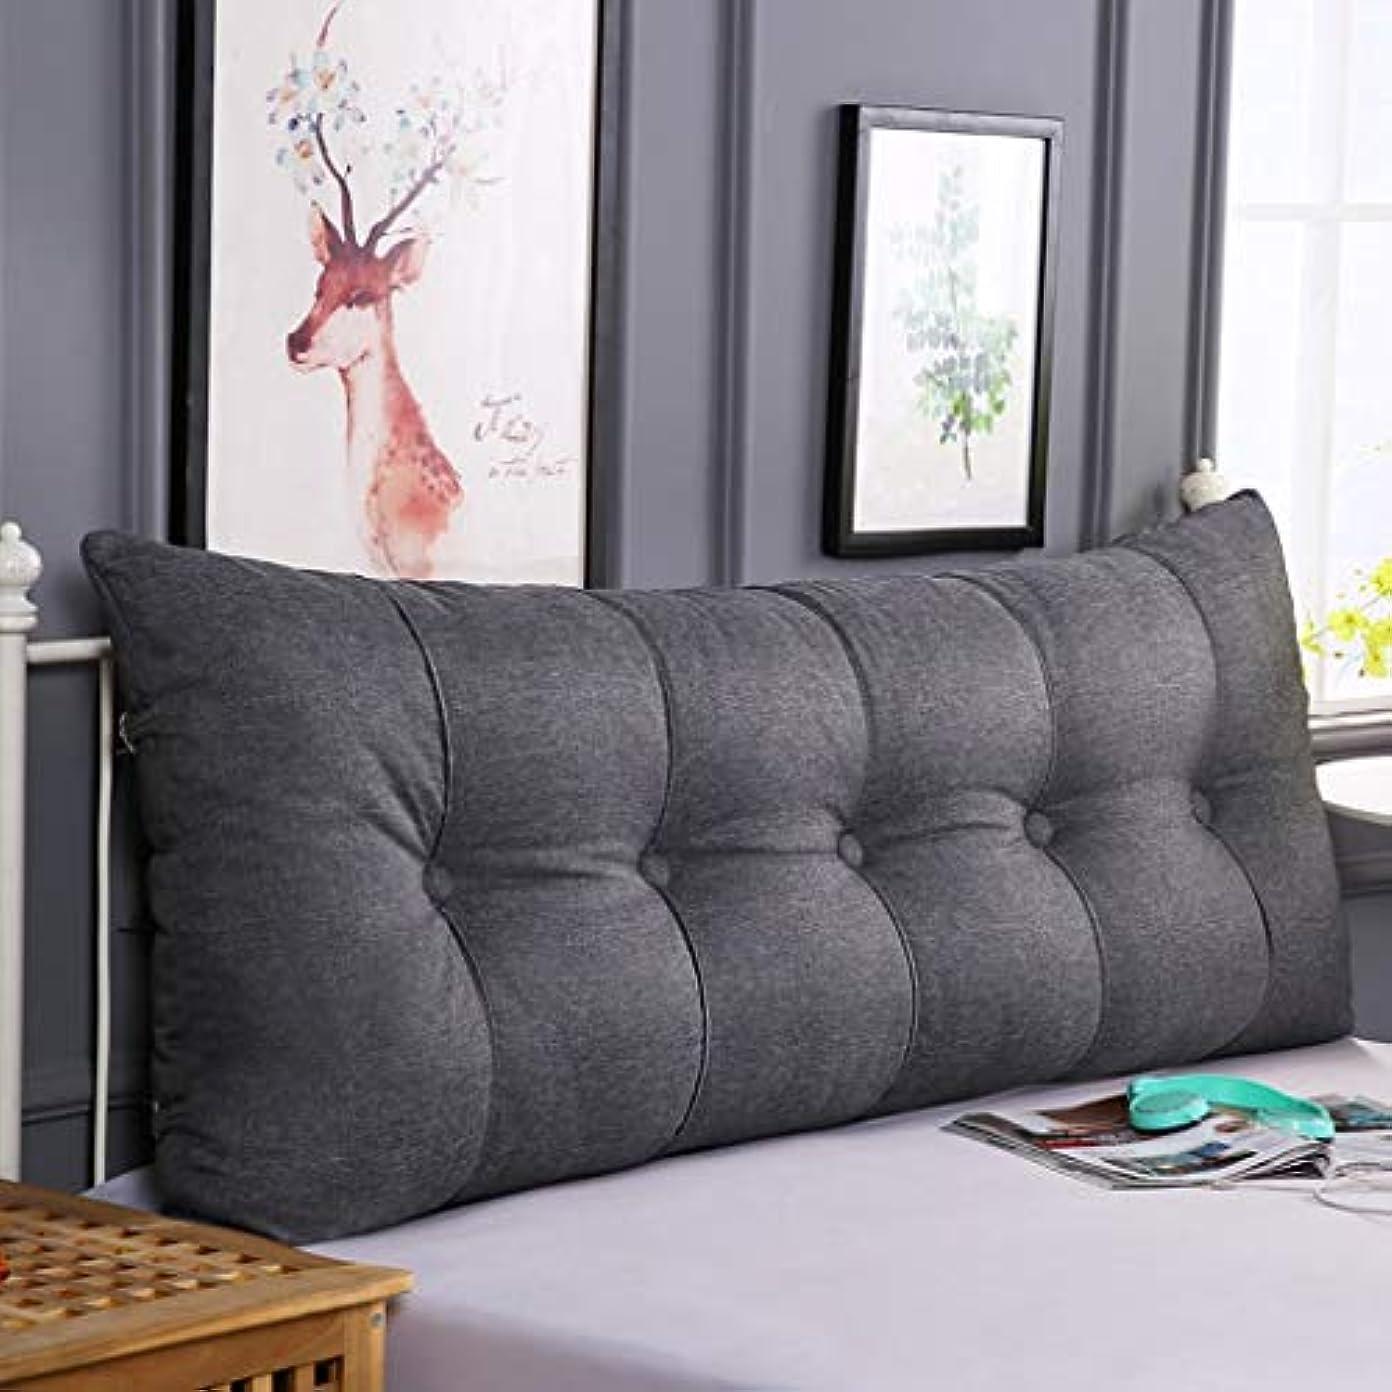 拡声器白雪姫模索ポリエステル繊維のベッド大きなクッションダブルベッド枕大きなバックソファ枕ベッドバッククッション枕 Zsetop (Color : D, Size : 120*60*20cm)